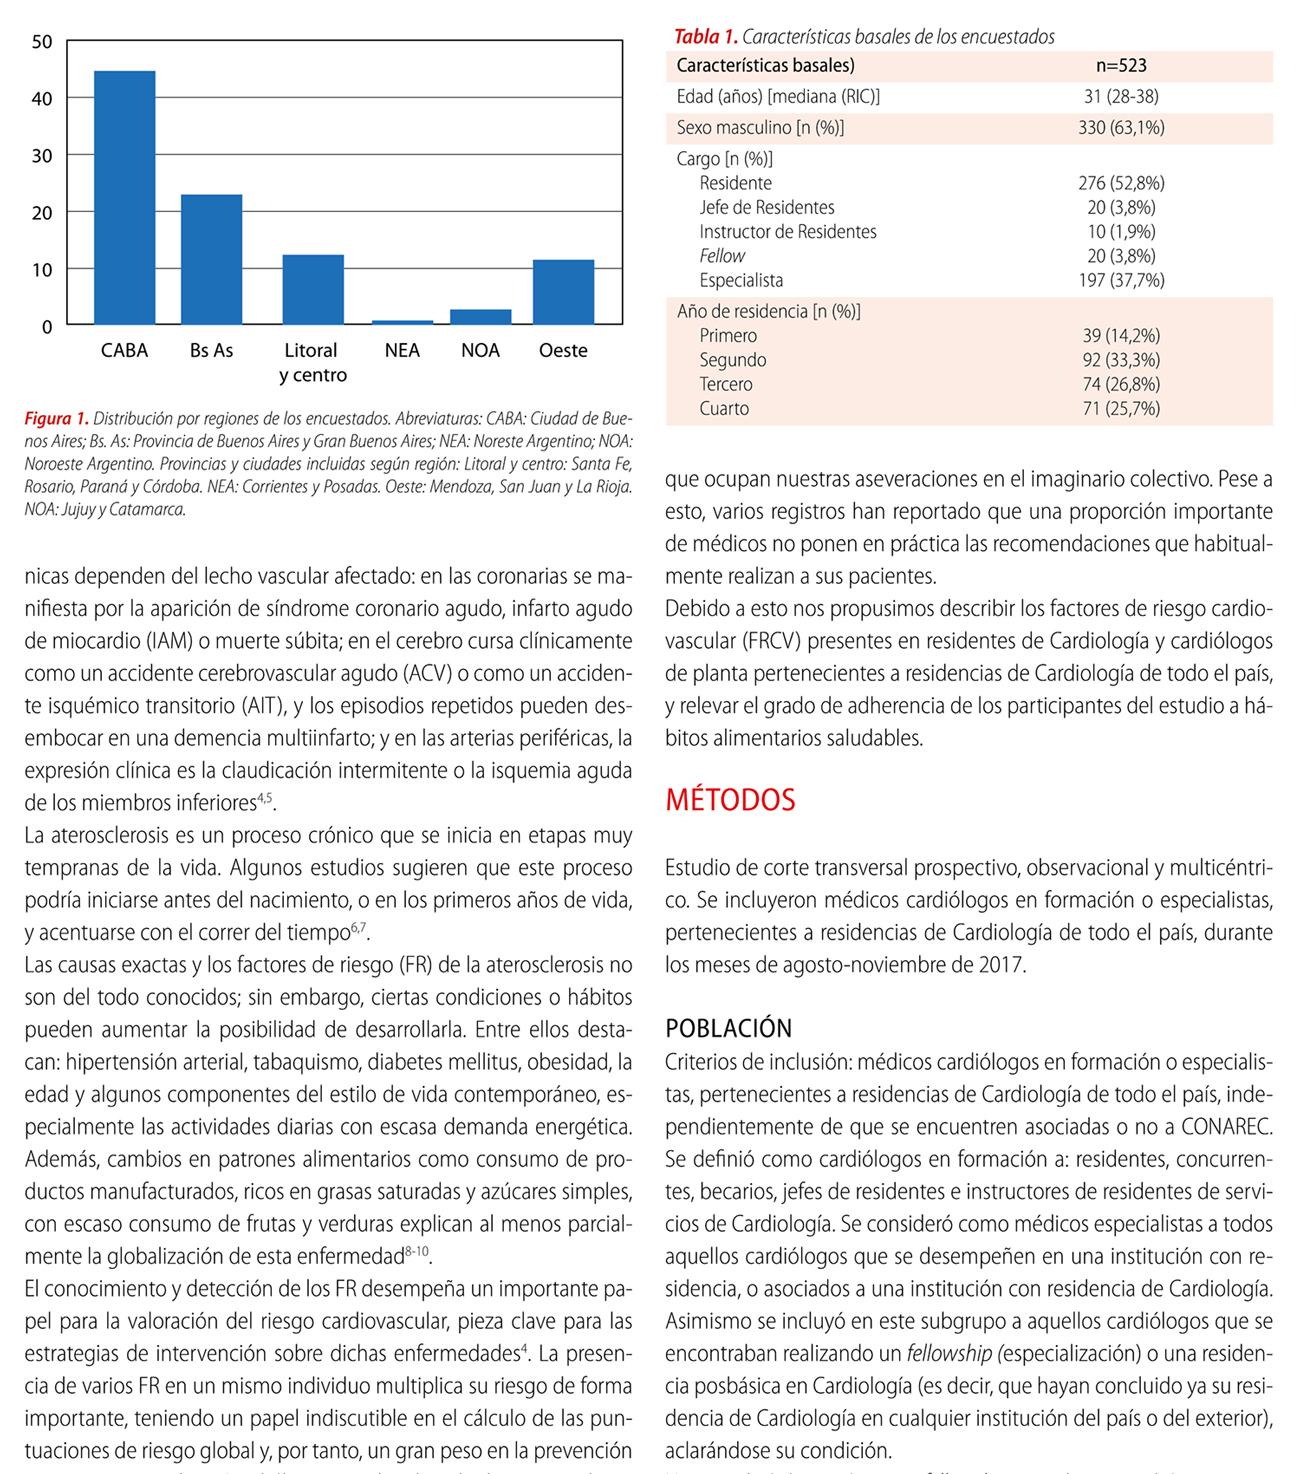 """Factores de riesgo cardiovascular en residentes  y cardiólogos argentinos. """"Cómo se cuidan  los que cuidan"""". Encuesta FRICCAR, CONAREC"""